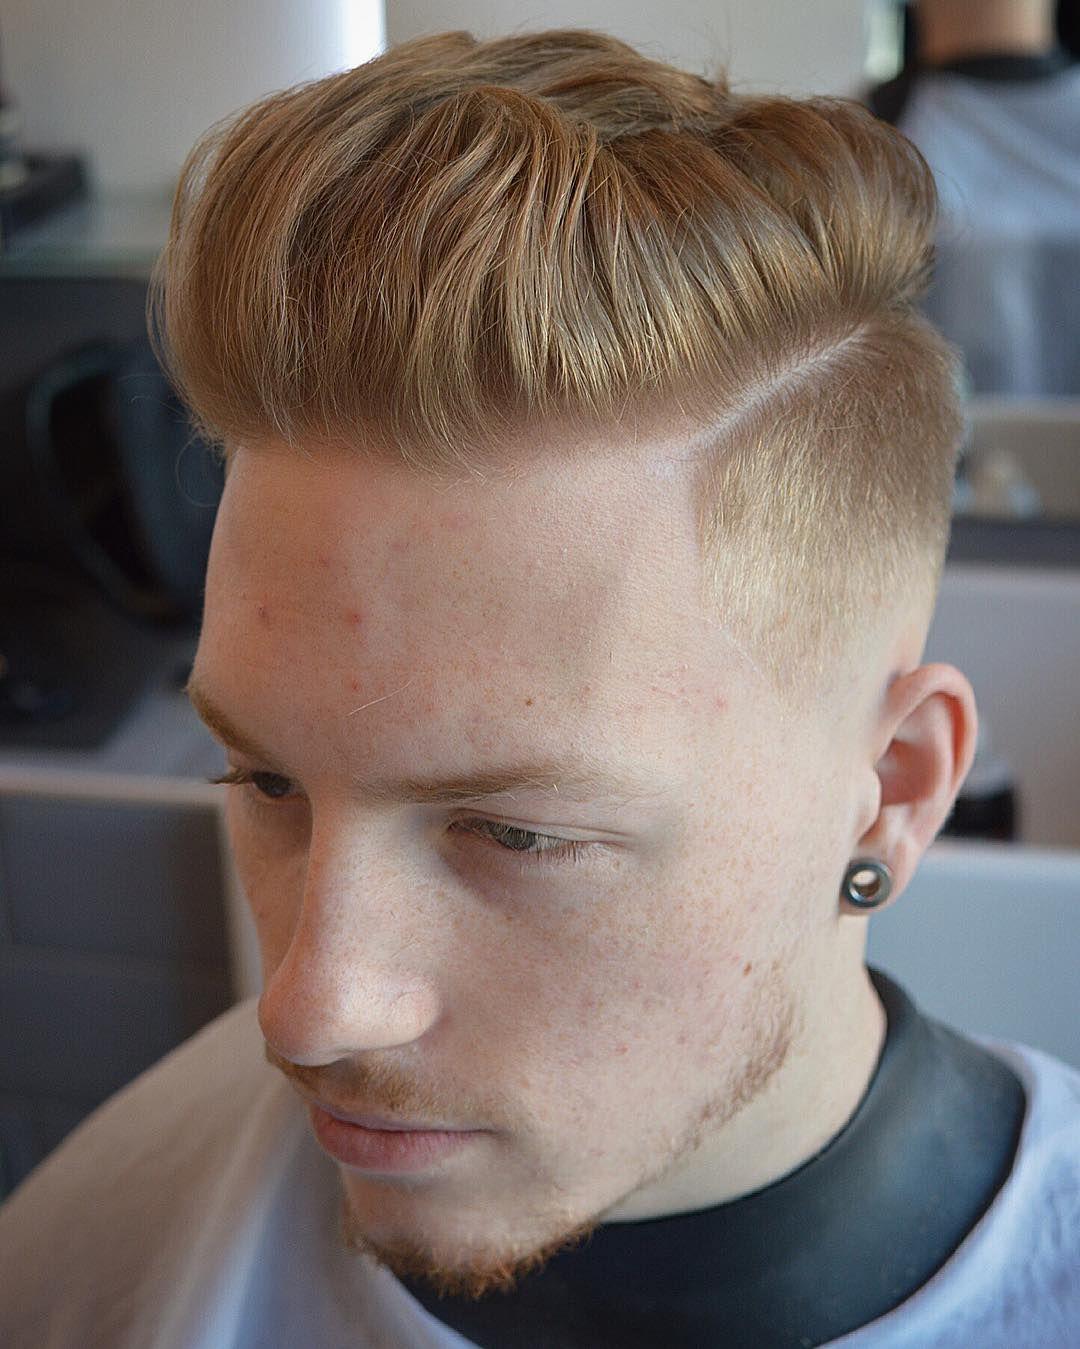 Mens short undercut haircut haircut by deakinandwhite iftveeiet menshair